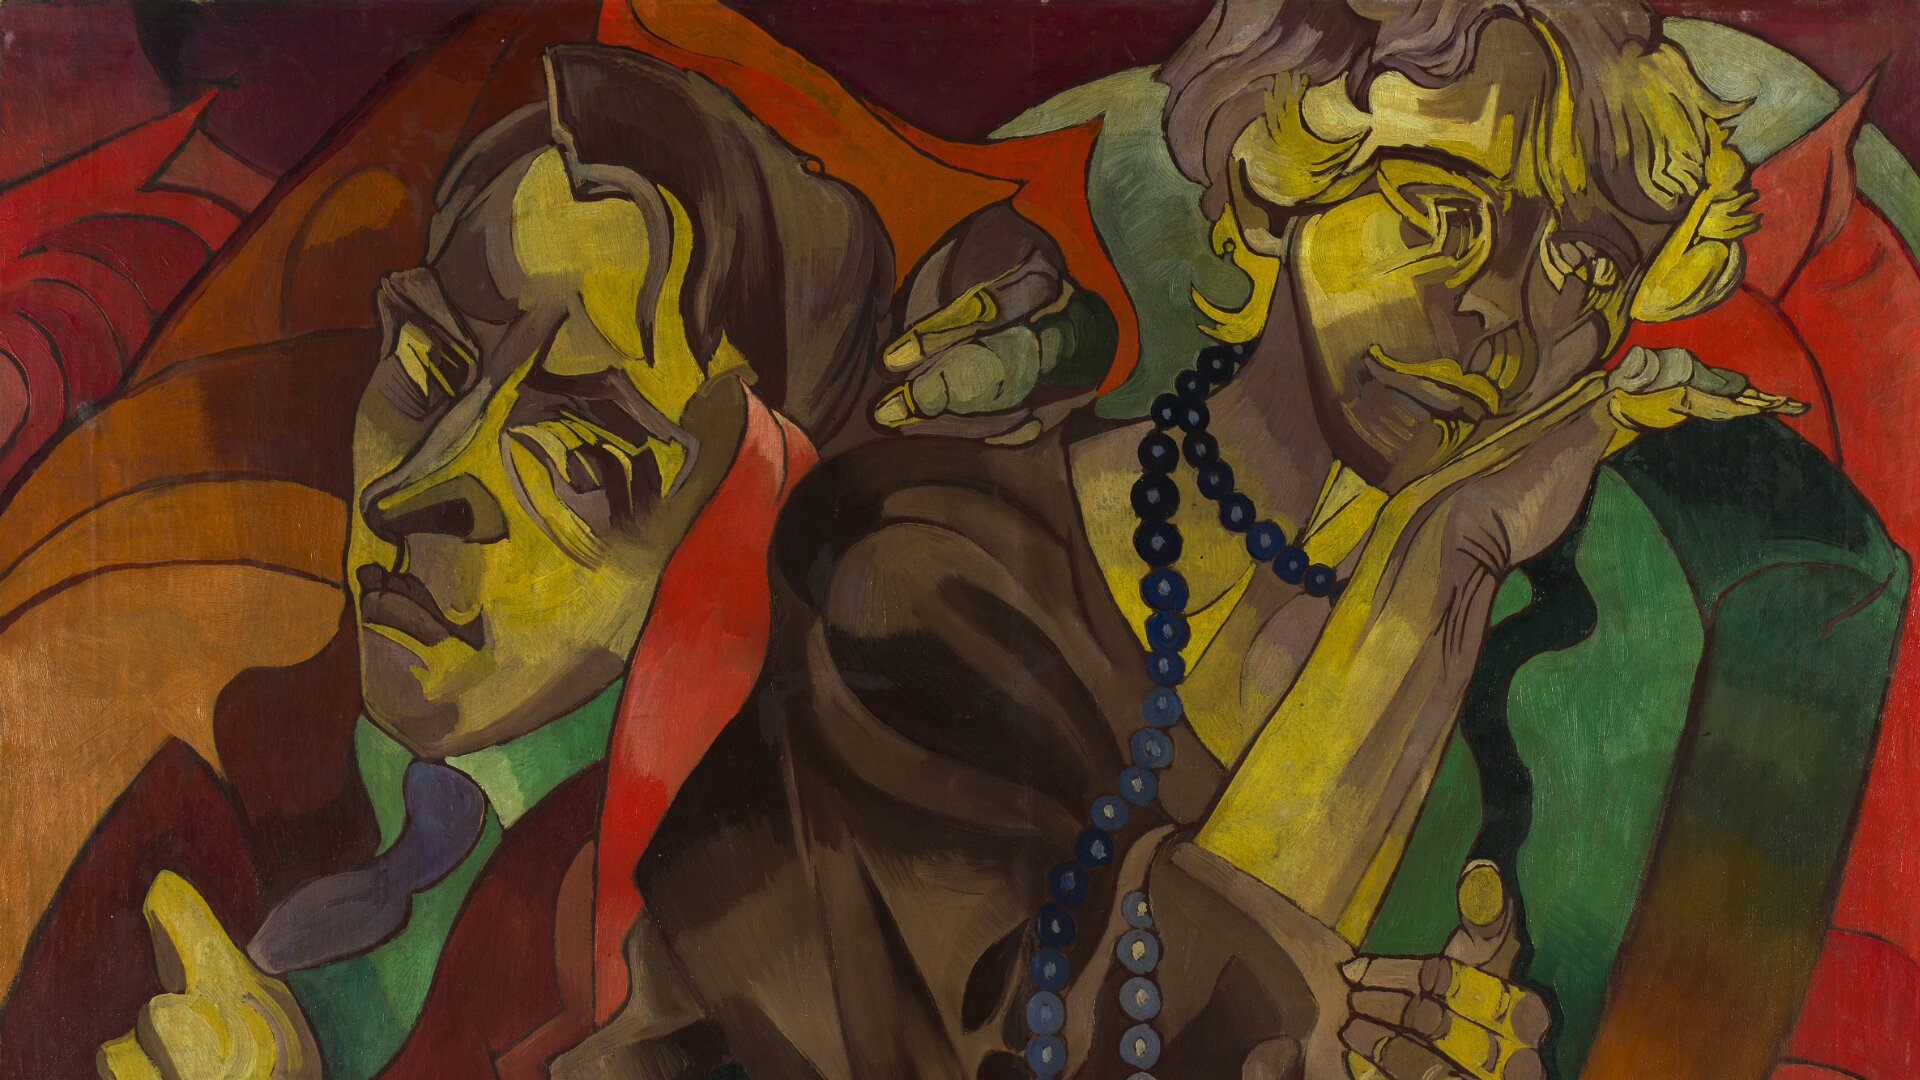 """Obraz przedstawia dwa portrety. Widać wyraźnie zaznaczone kontury, atwarze są zniekształcone. Jest podpisany """"Stanisław Ignacy Witkiewicz »Dwie głowy«""""."""